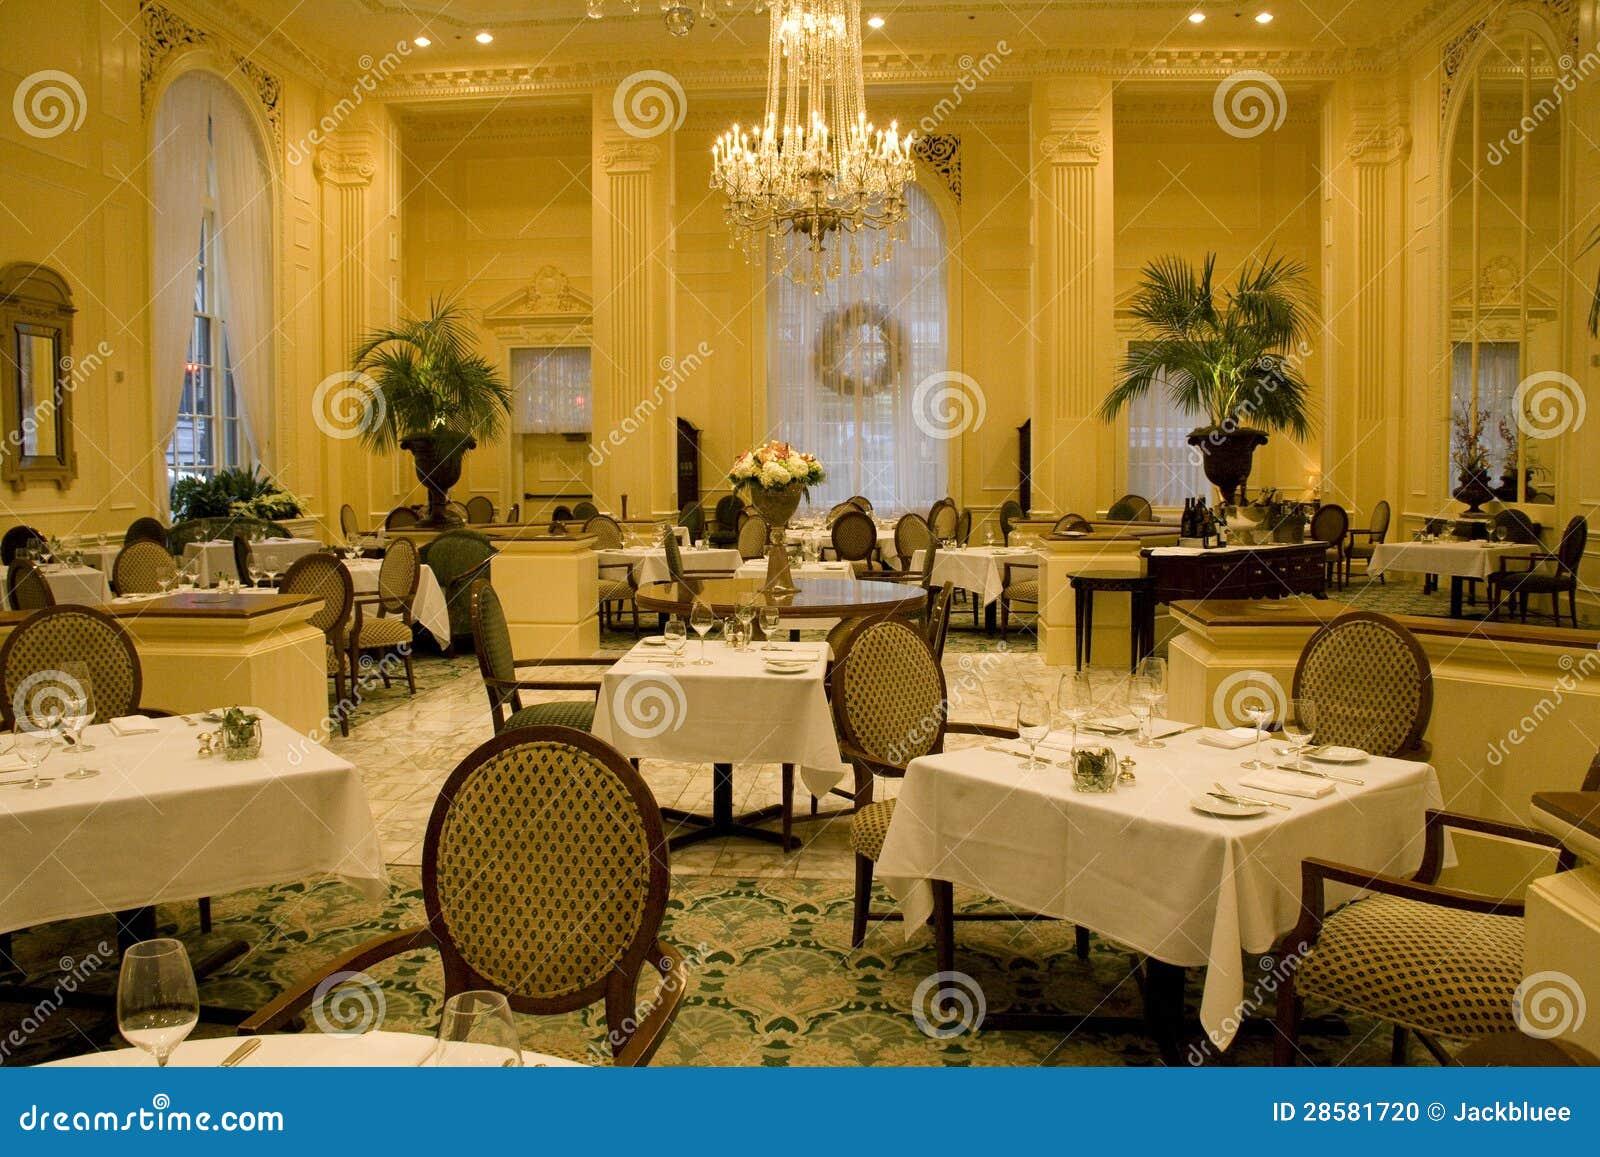 Interiores de lujo del restaurante foto de archivo - Interiores de lujo ...